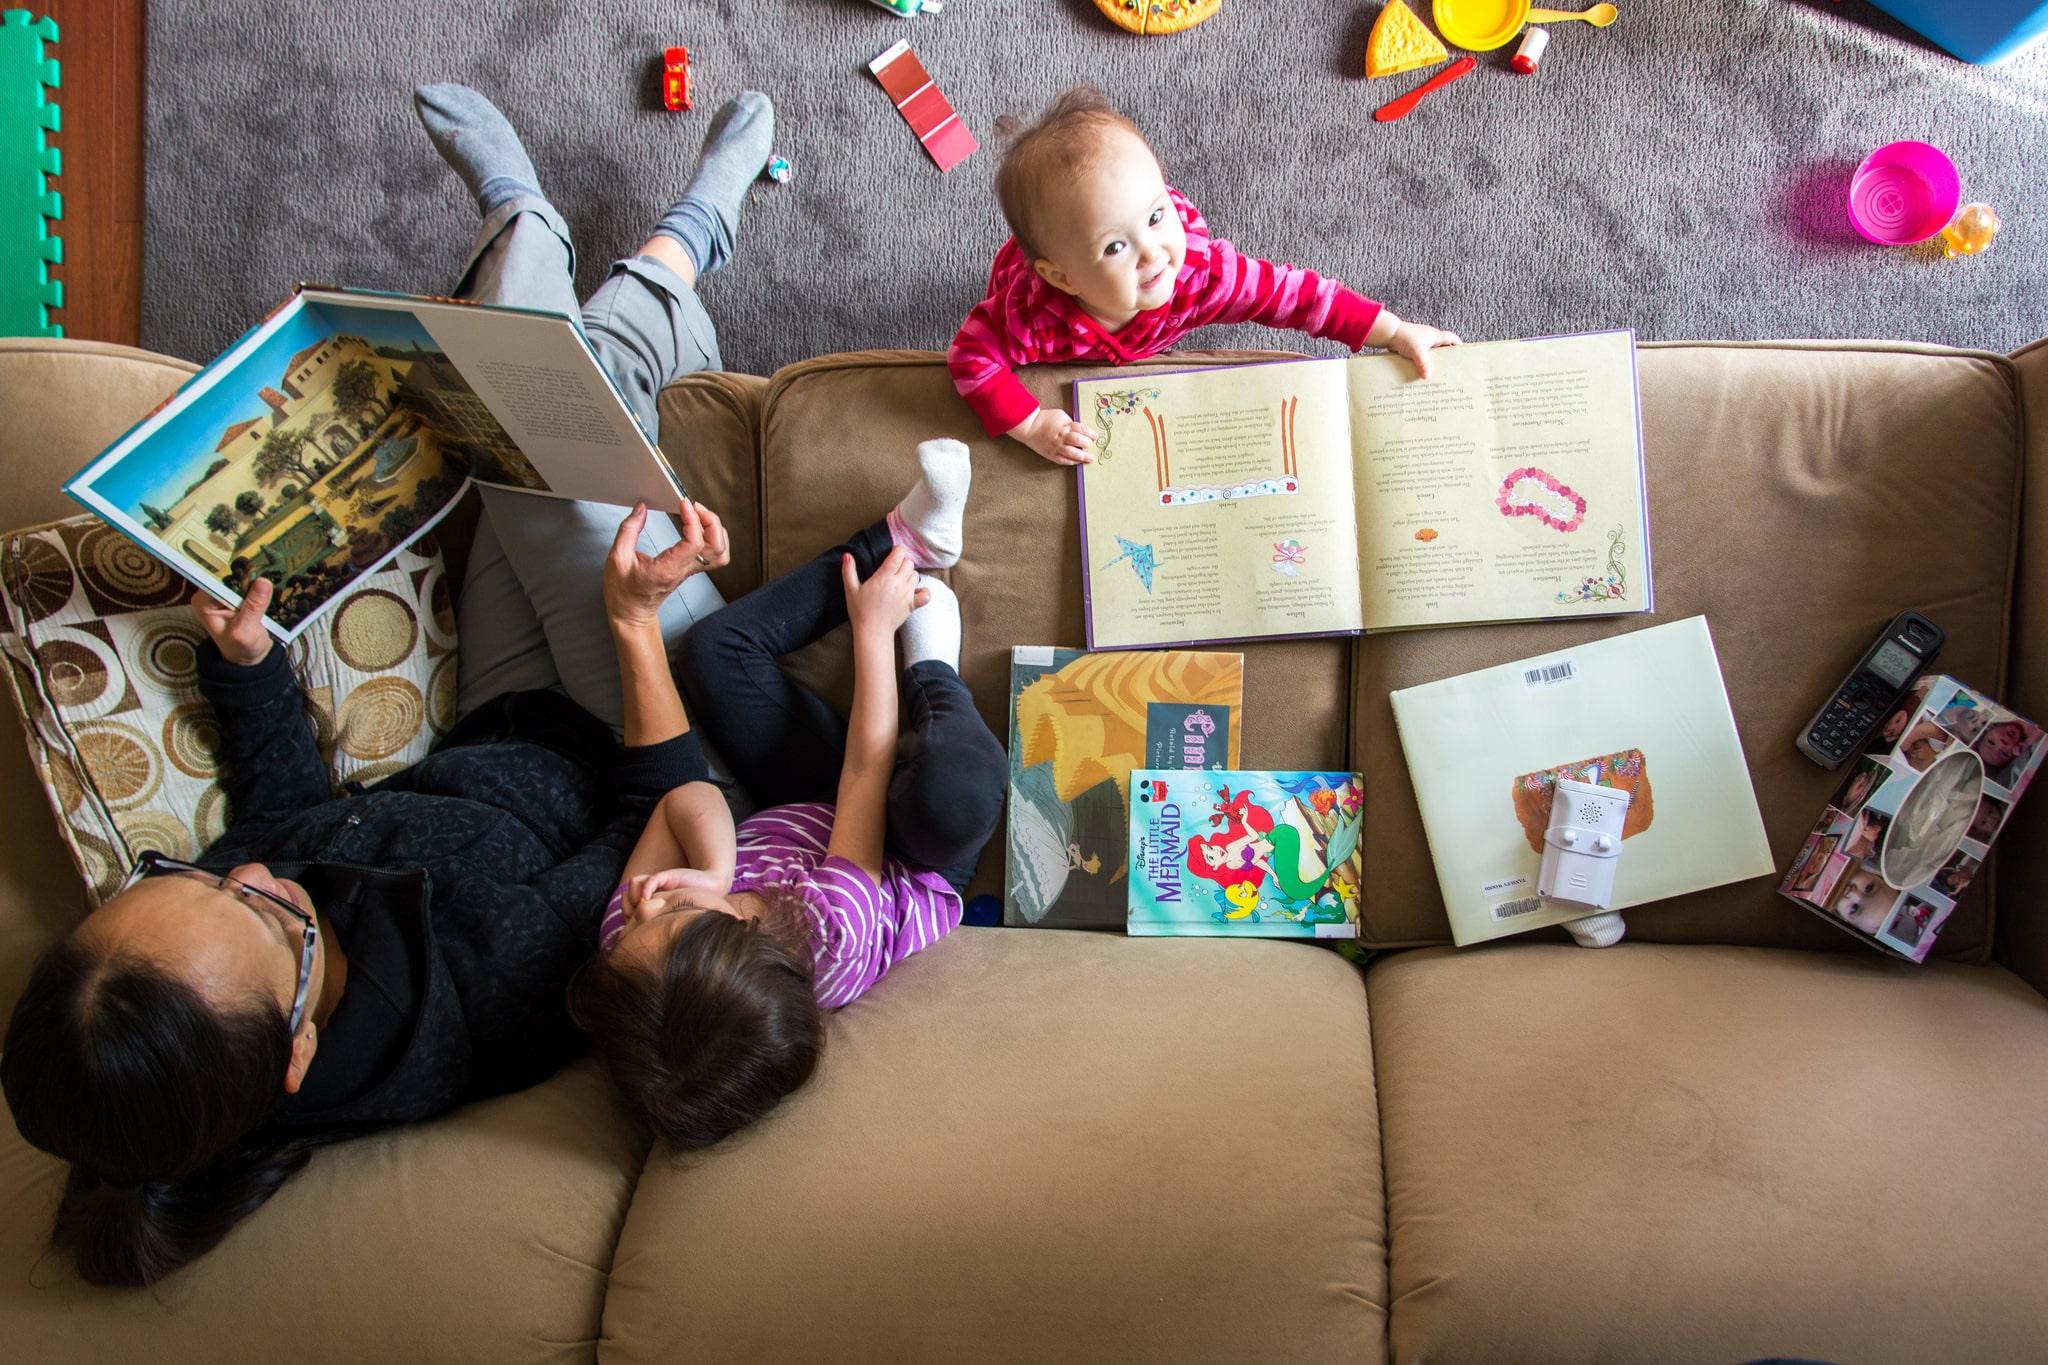 Как да направим четенето на книги приятно занимание? как да накараме децата да четат книги?